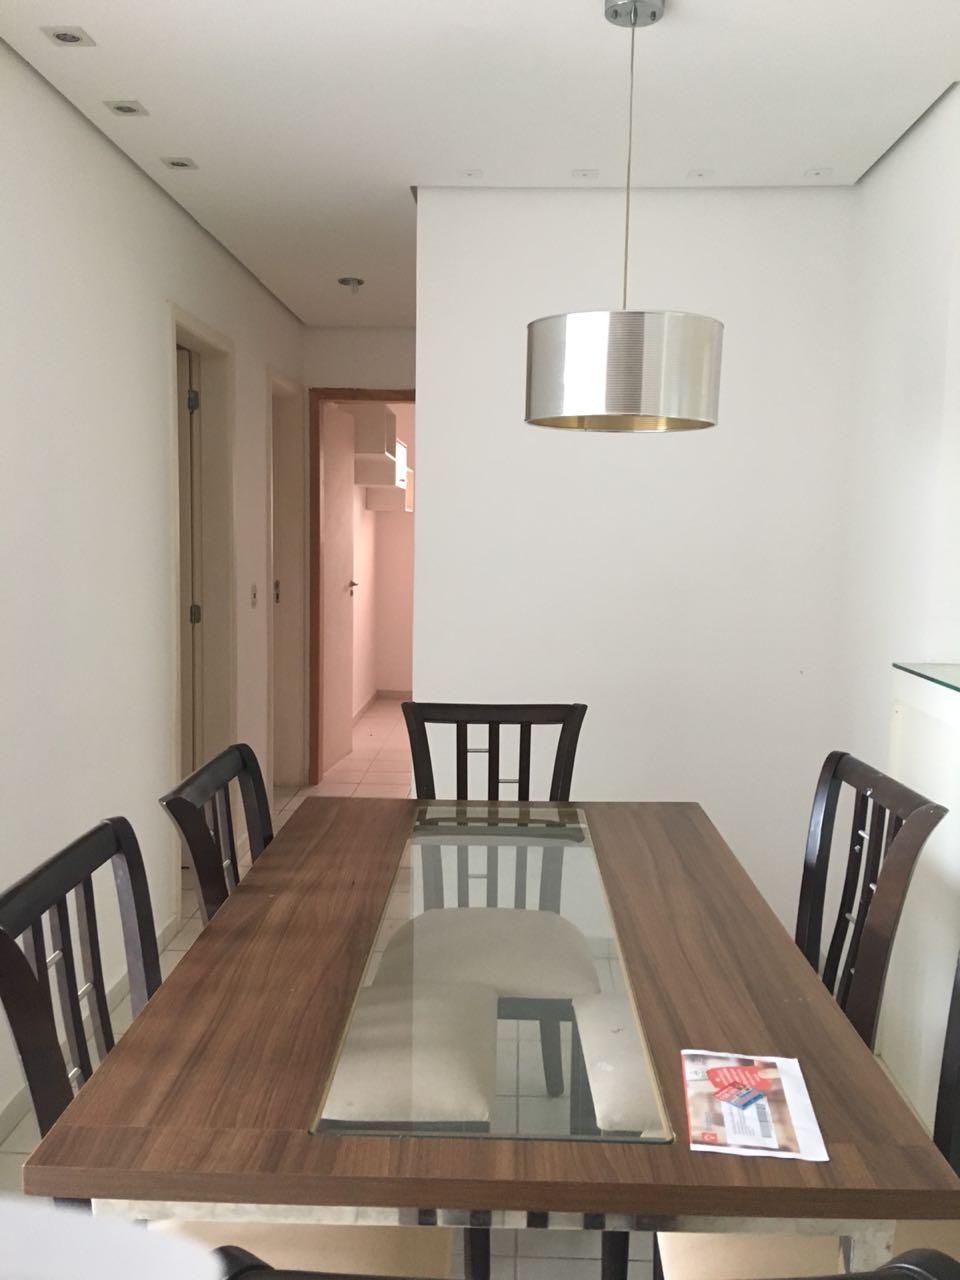 Apartamento à venda,  com 3 quartos sendo 1 suite no CENTRO SUL em Cuiabá MT 101 11700